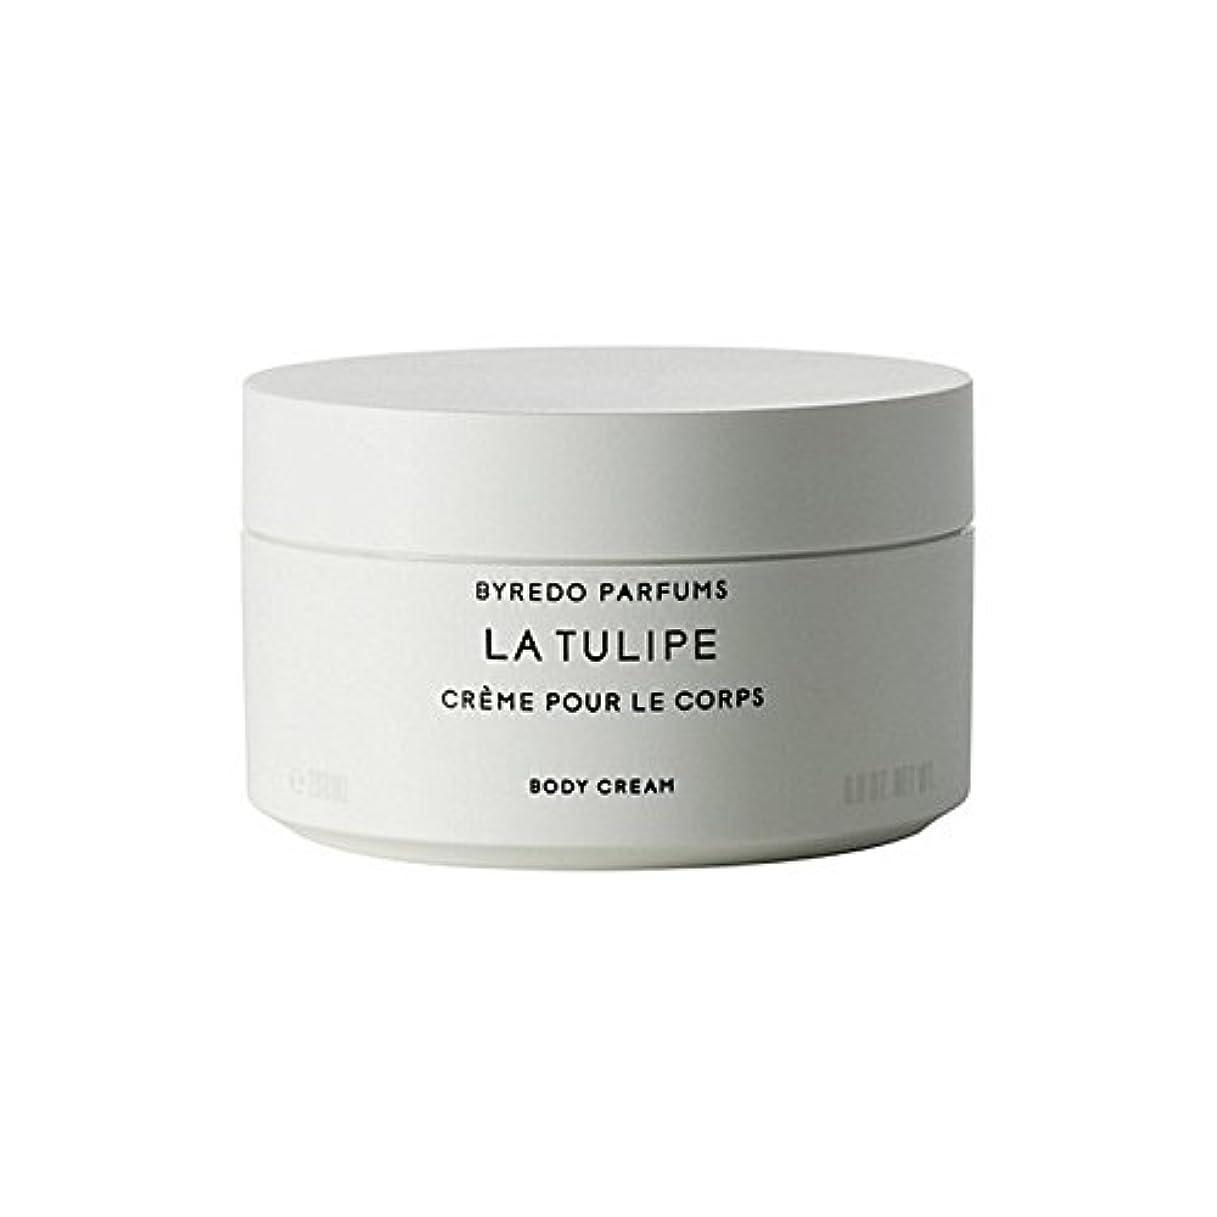 インディカ実行忌まわしいラチューリップボディクリーム200ミリリットル x2 - Byredo La Tulipe Body Cream 200ml (Pack of 2) [並行輸入品]